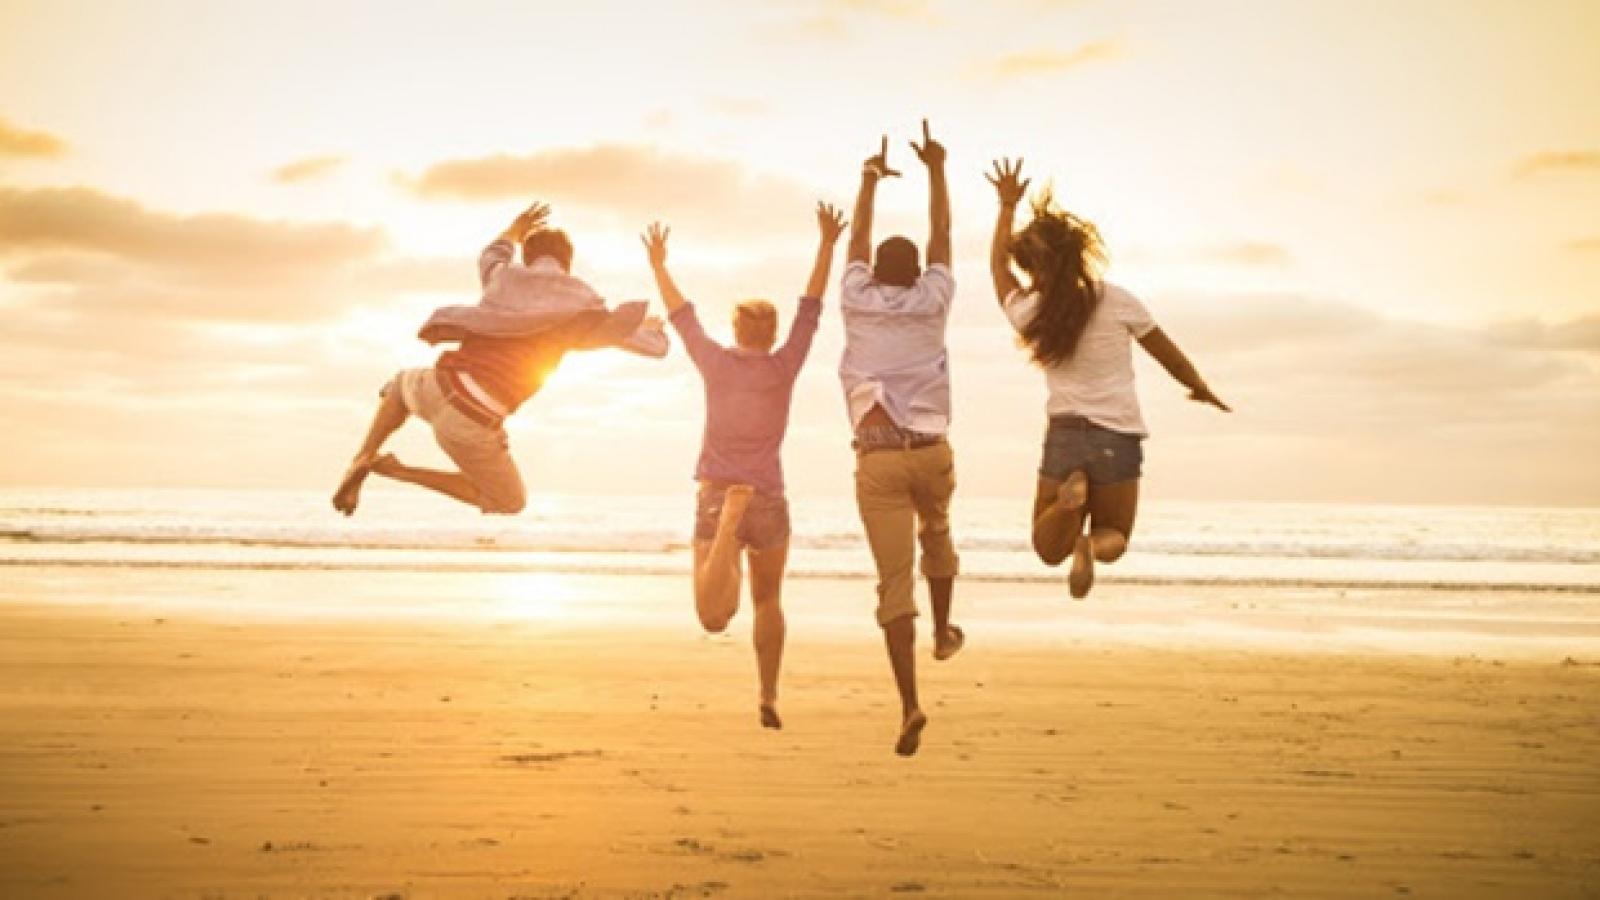 7 điều đúc kết về cuộc đời: Điều thứ 5 khiến ai cũng phải gật gù tâm đắc